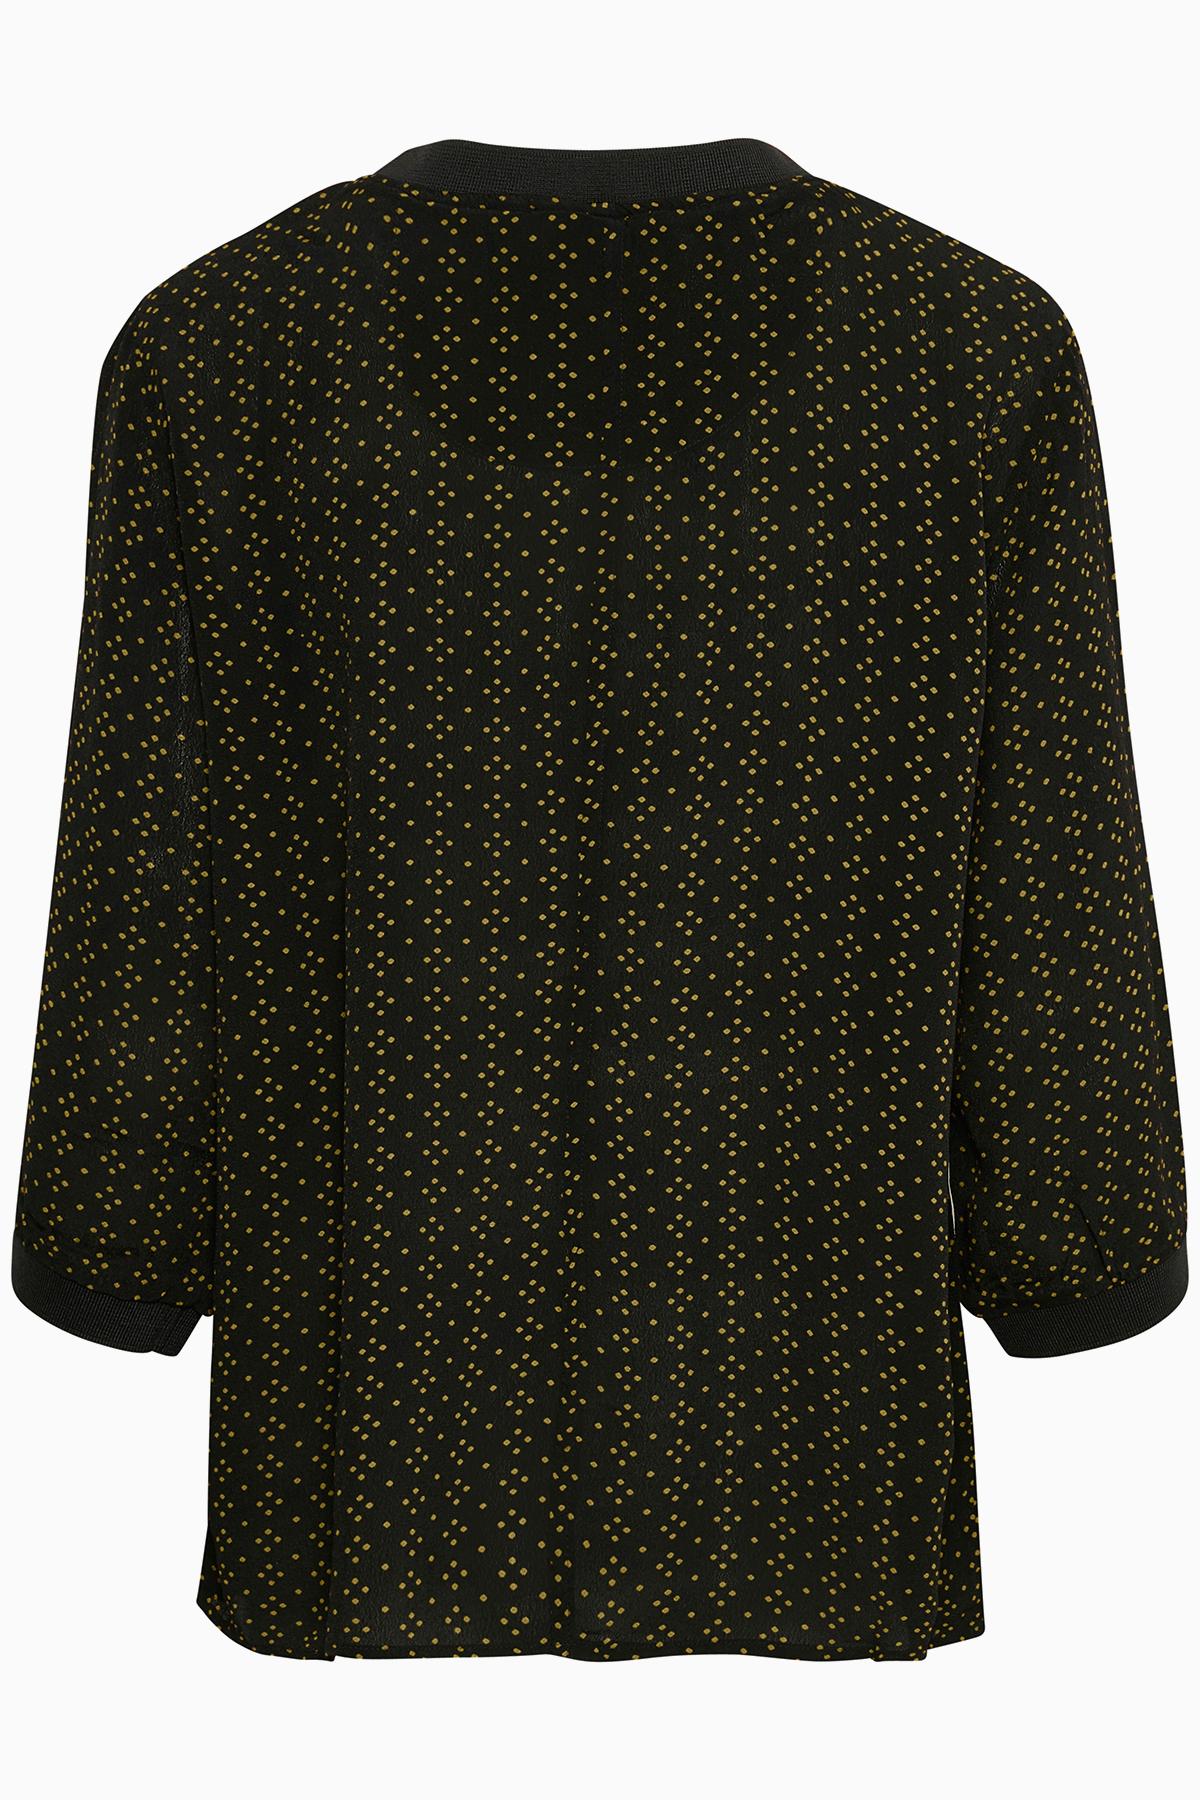 COMBI 3 Langærmet bluse fra b.young – Køb COMBI 3 Langærmet bluse fra str. 34-46 her